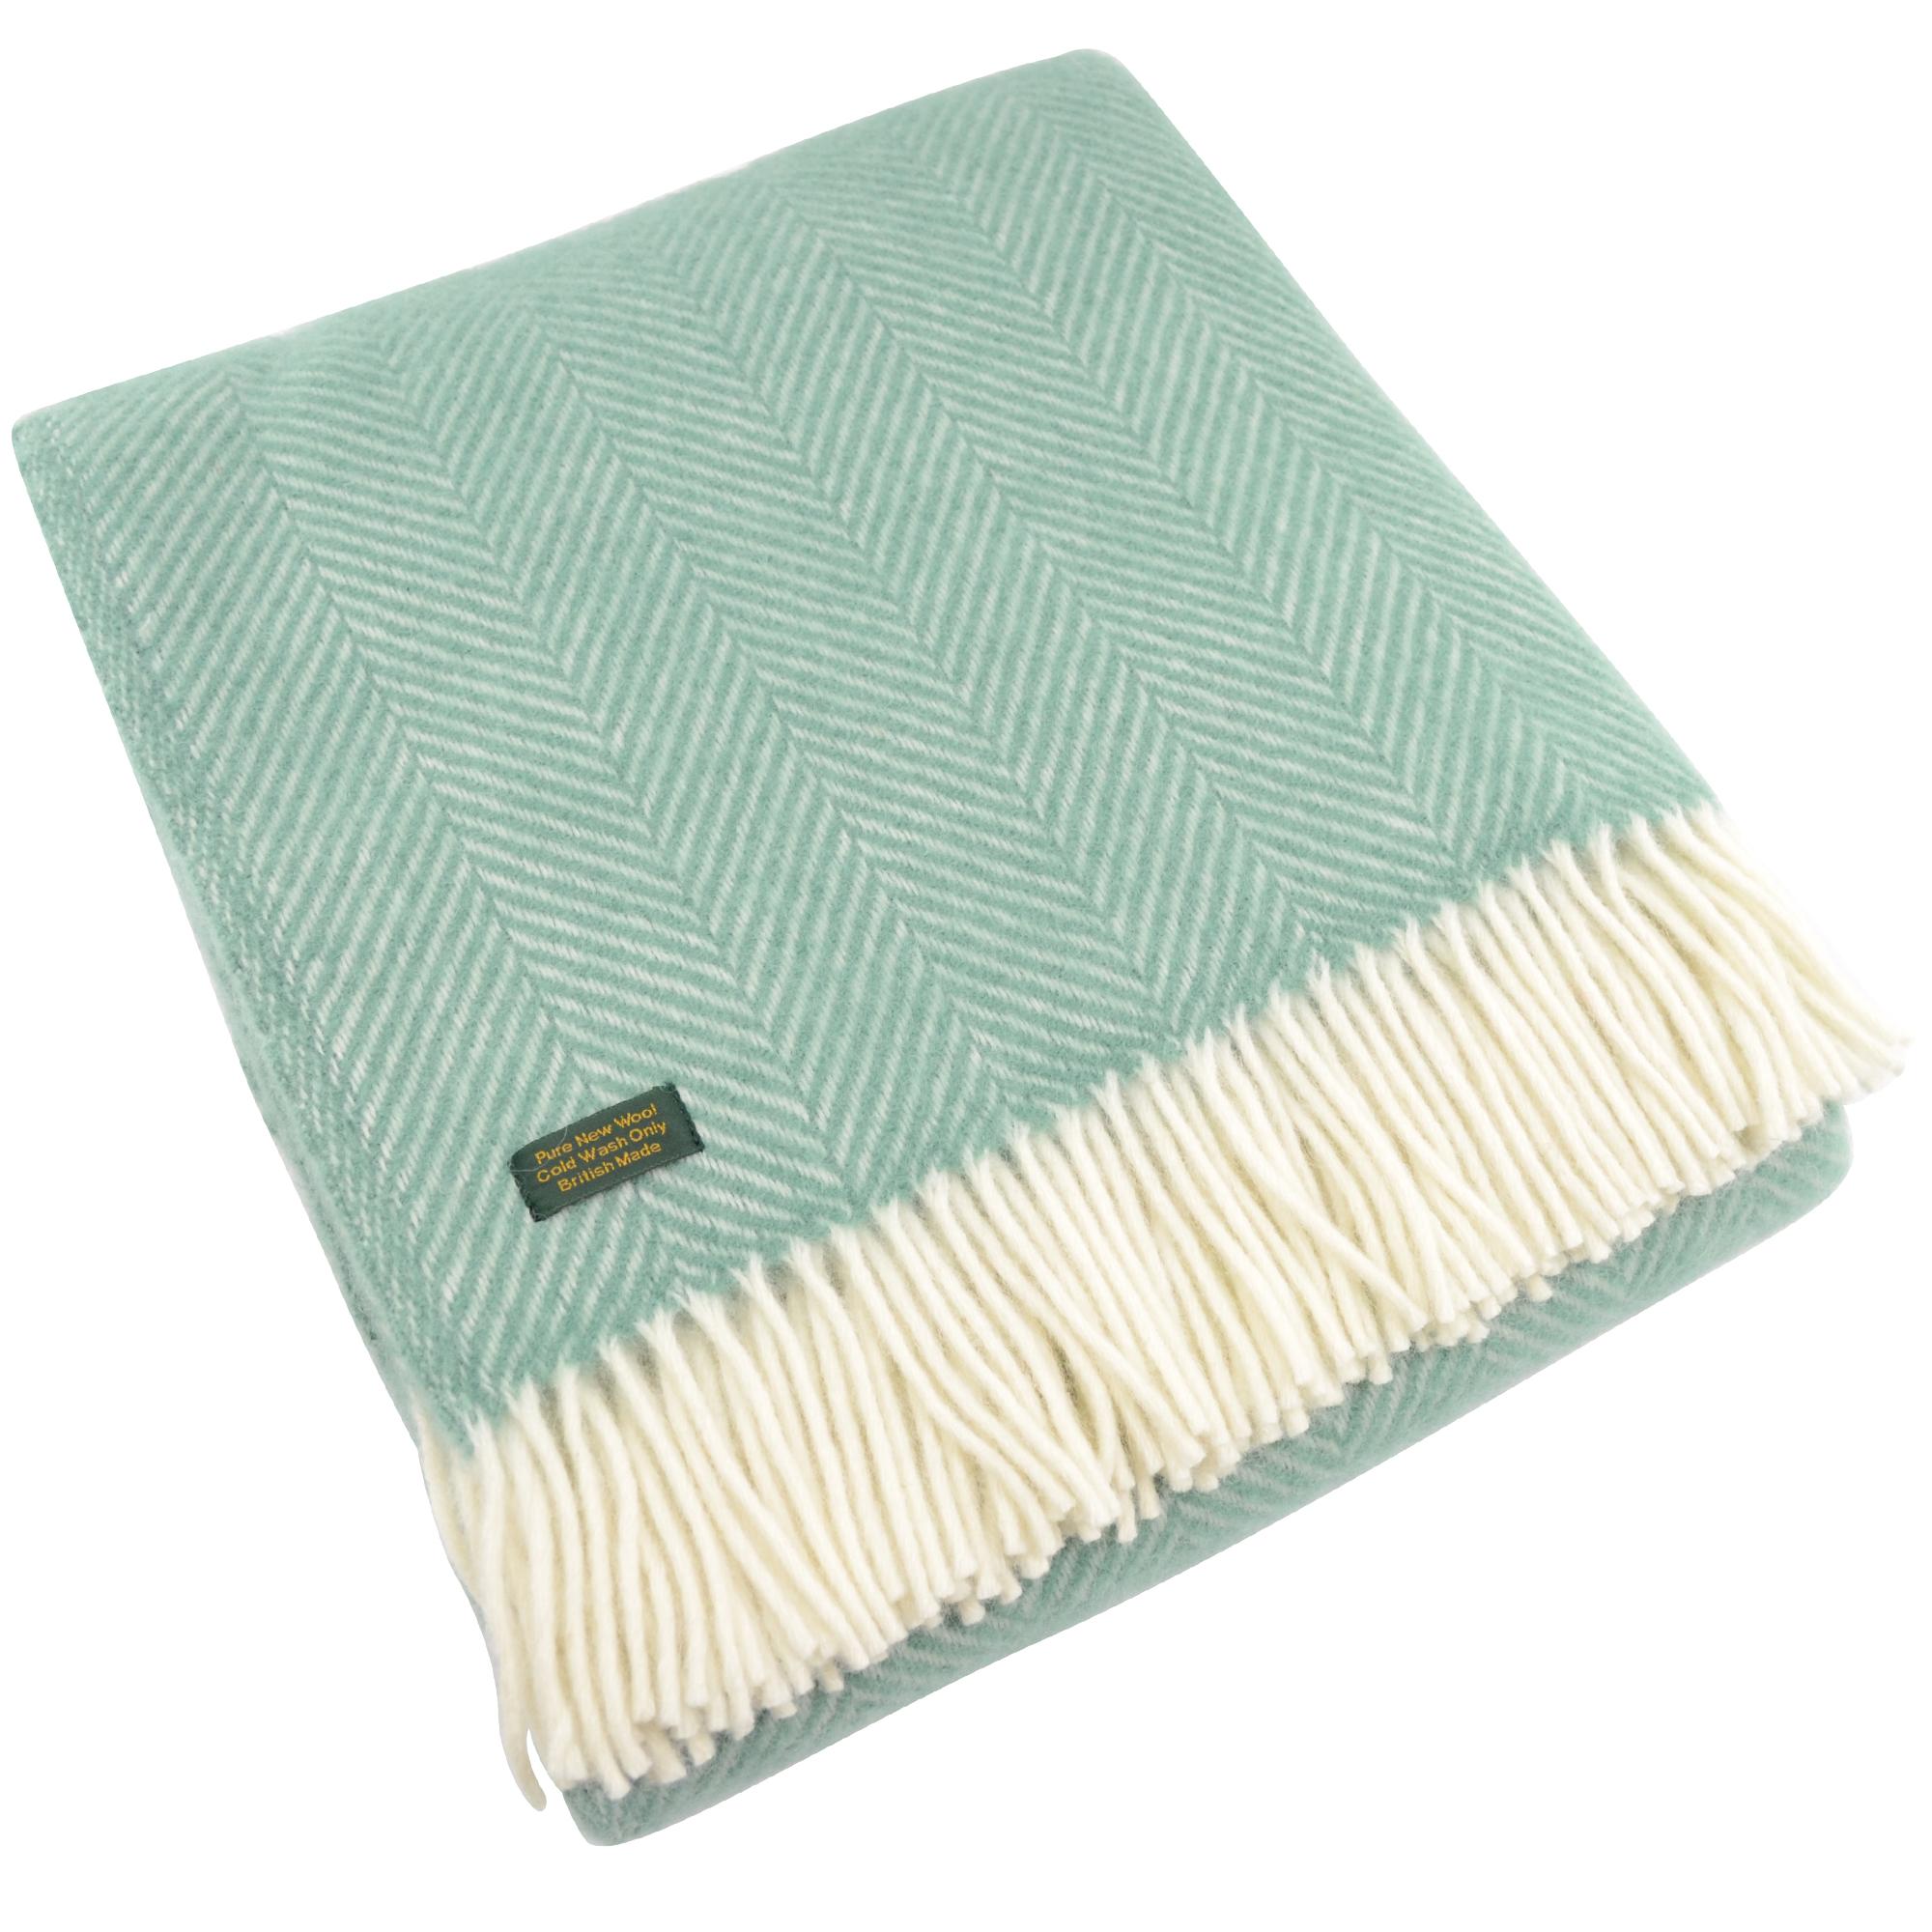 Pure New Wool Fishbone Blanket - Sea Green